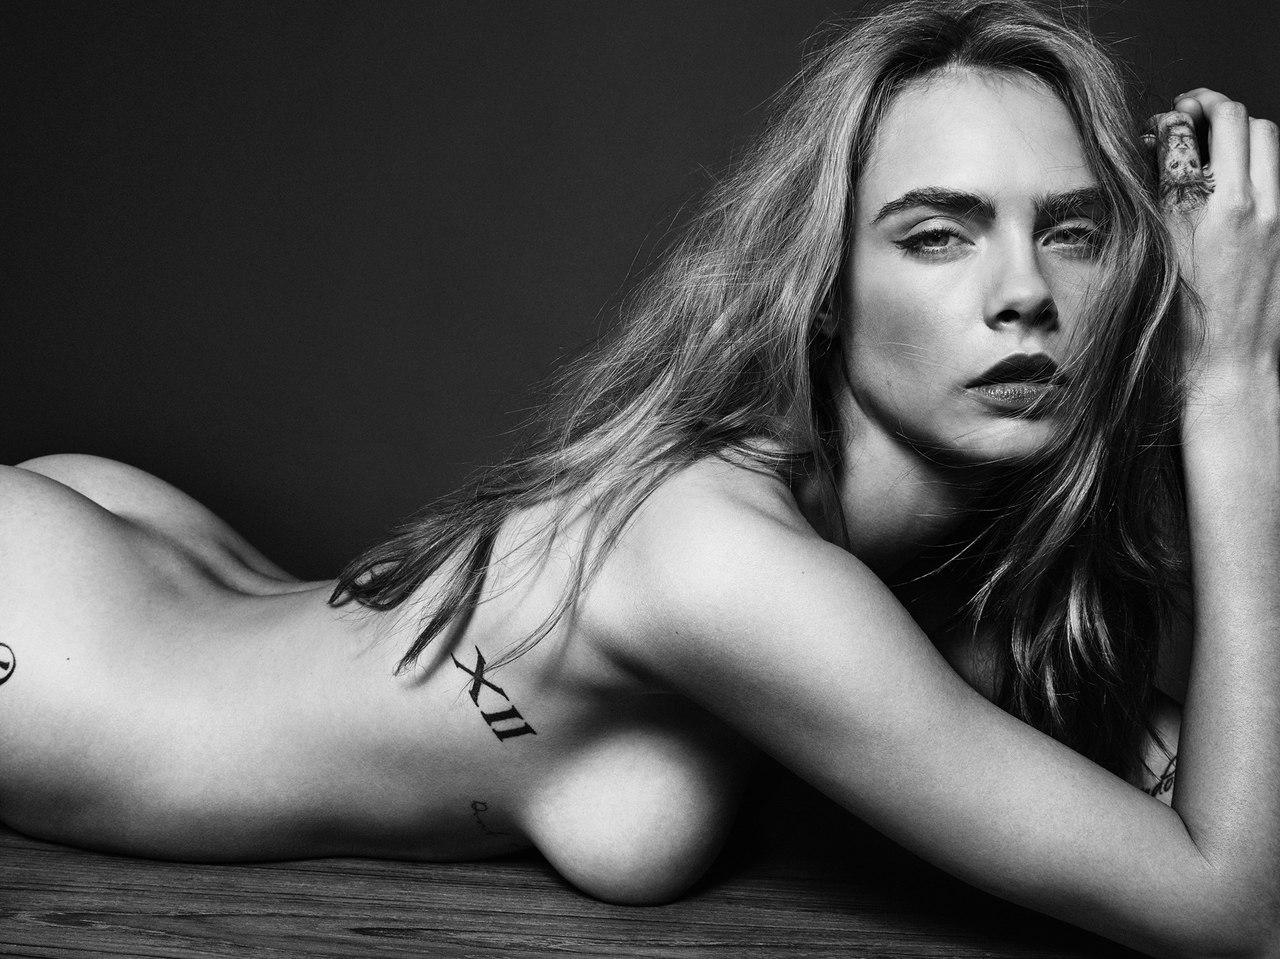 Голая Кара Делевинь позирует на столе в эротической фотосессии